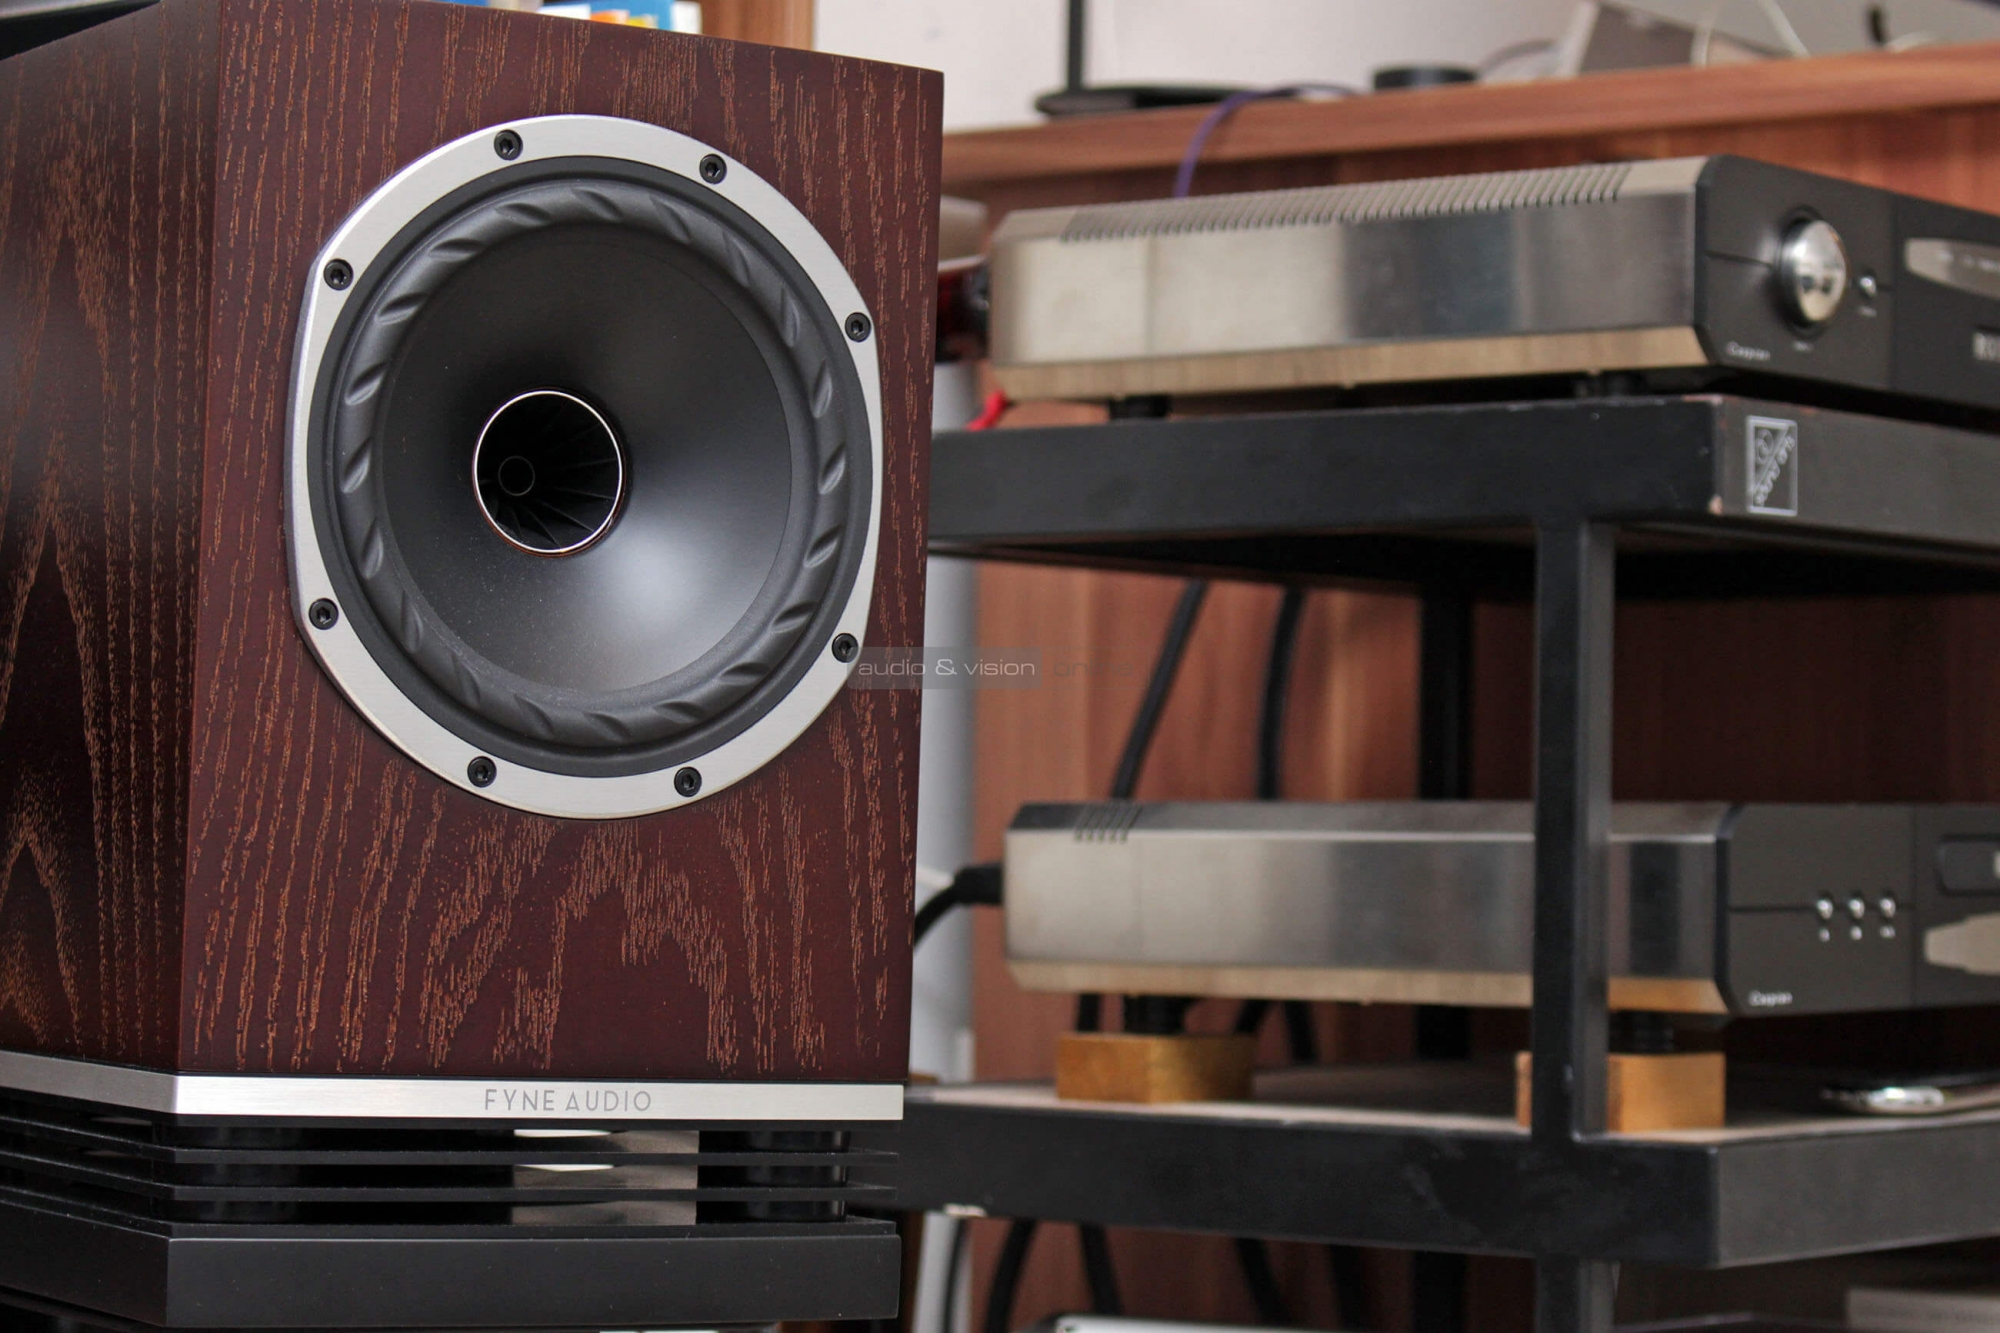 Fyne Audio F500 állványos hangfal teszt